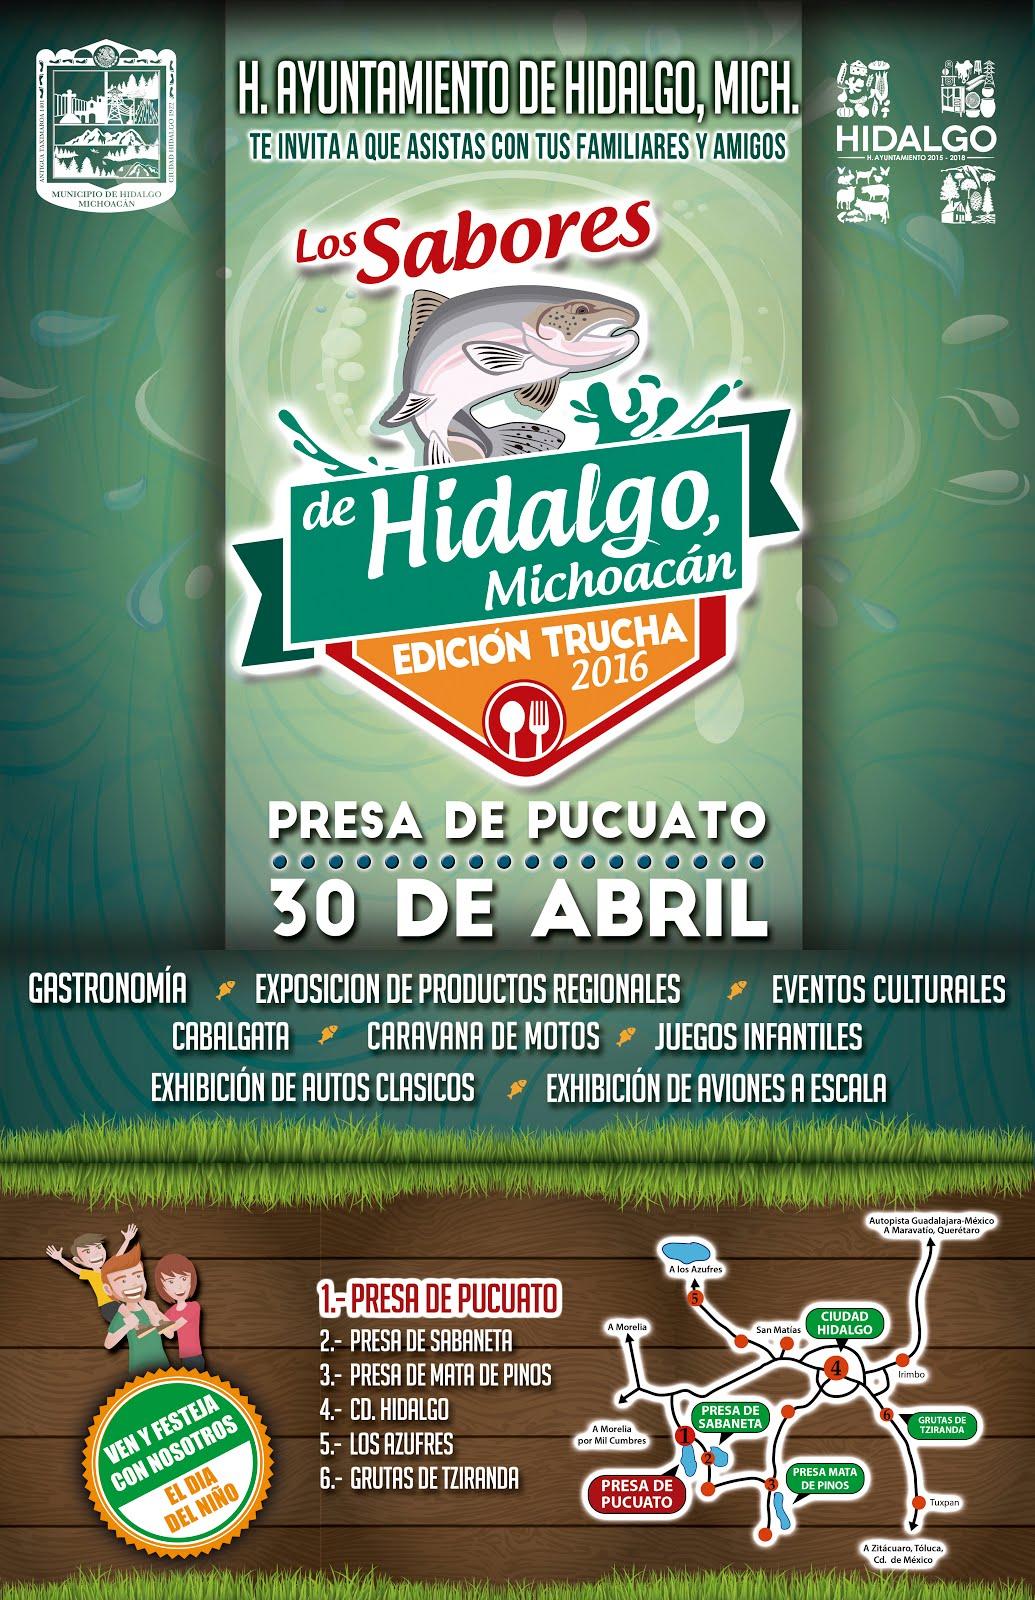 """""""Los Sabores de Hidalgo, Michoacán, Edición Trucha 2016"""